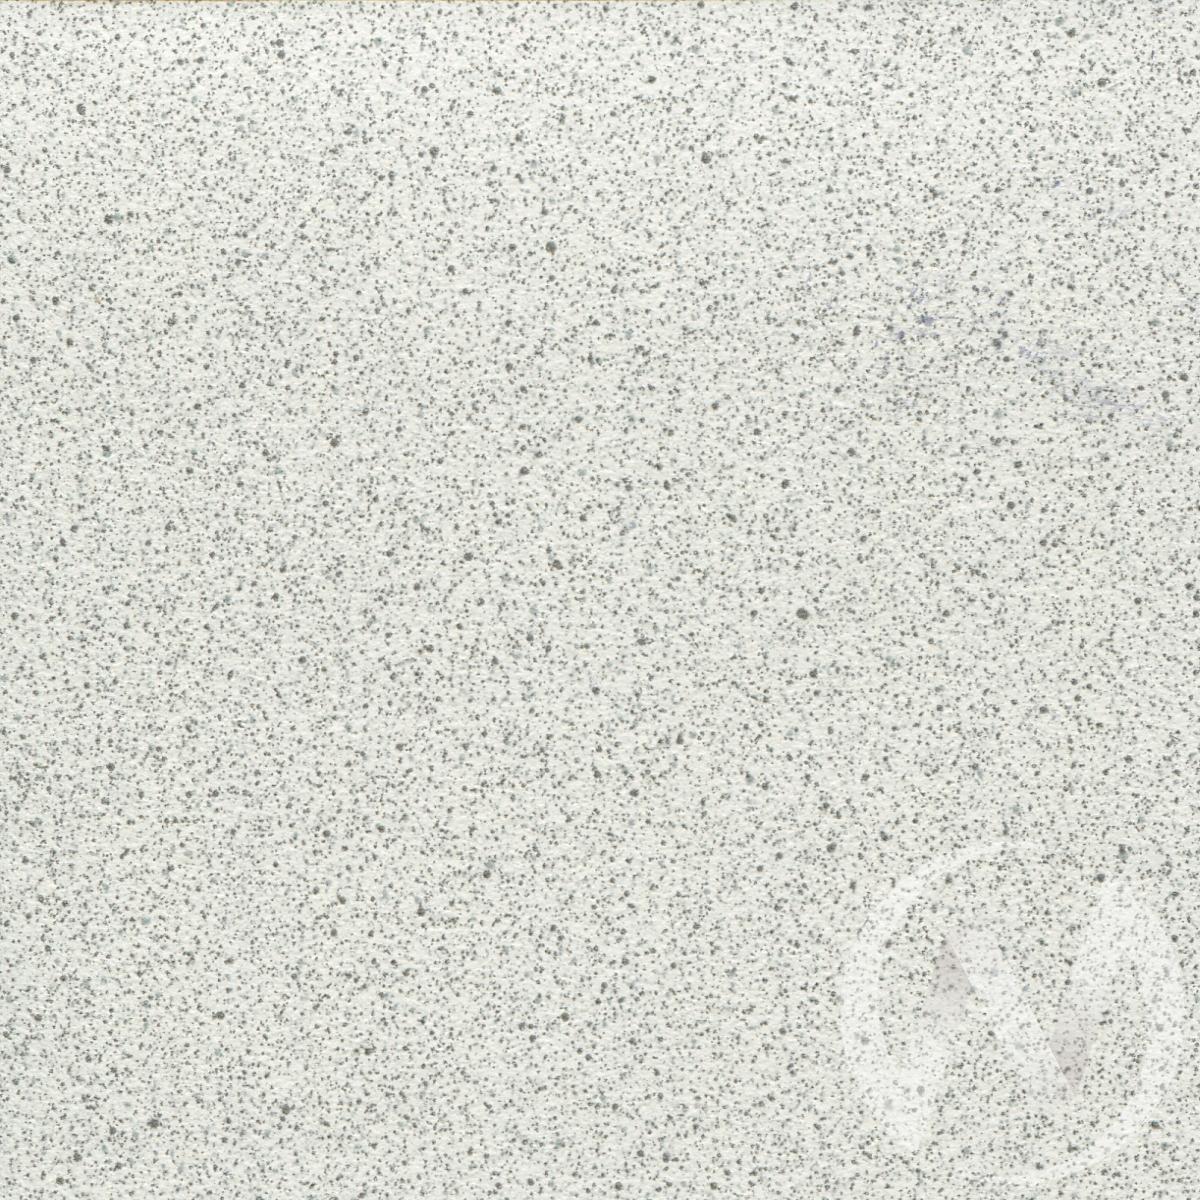 СТ-ПУ 300 L Столешница 300*600*26 (№ 4040 сахара белая)  в Томске — интернет магазин МИРА-мебель